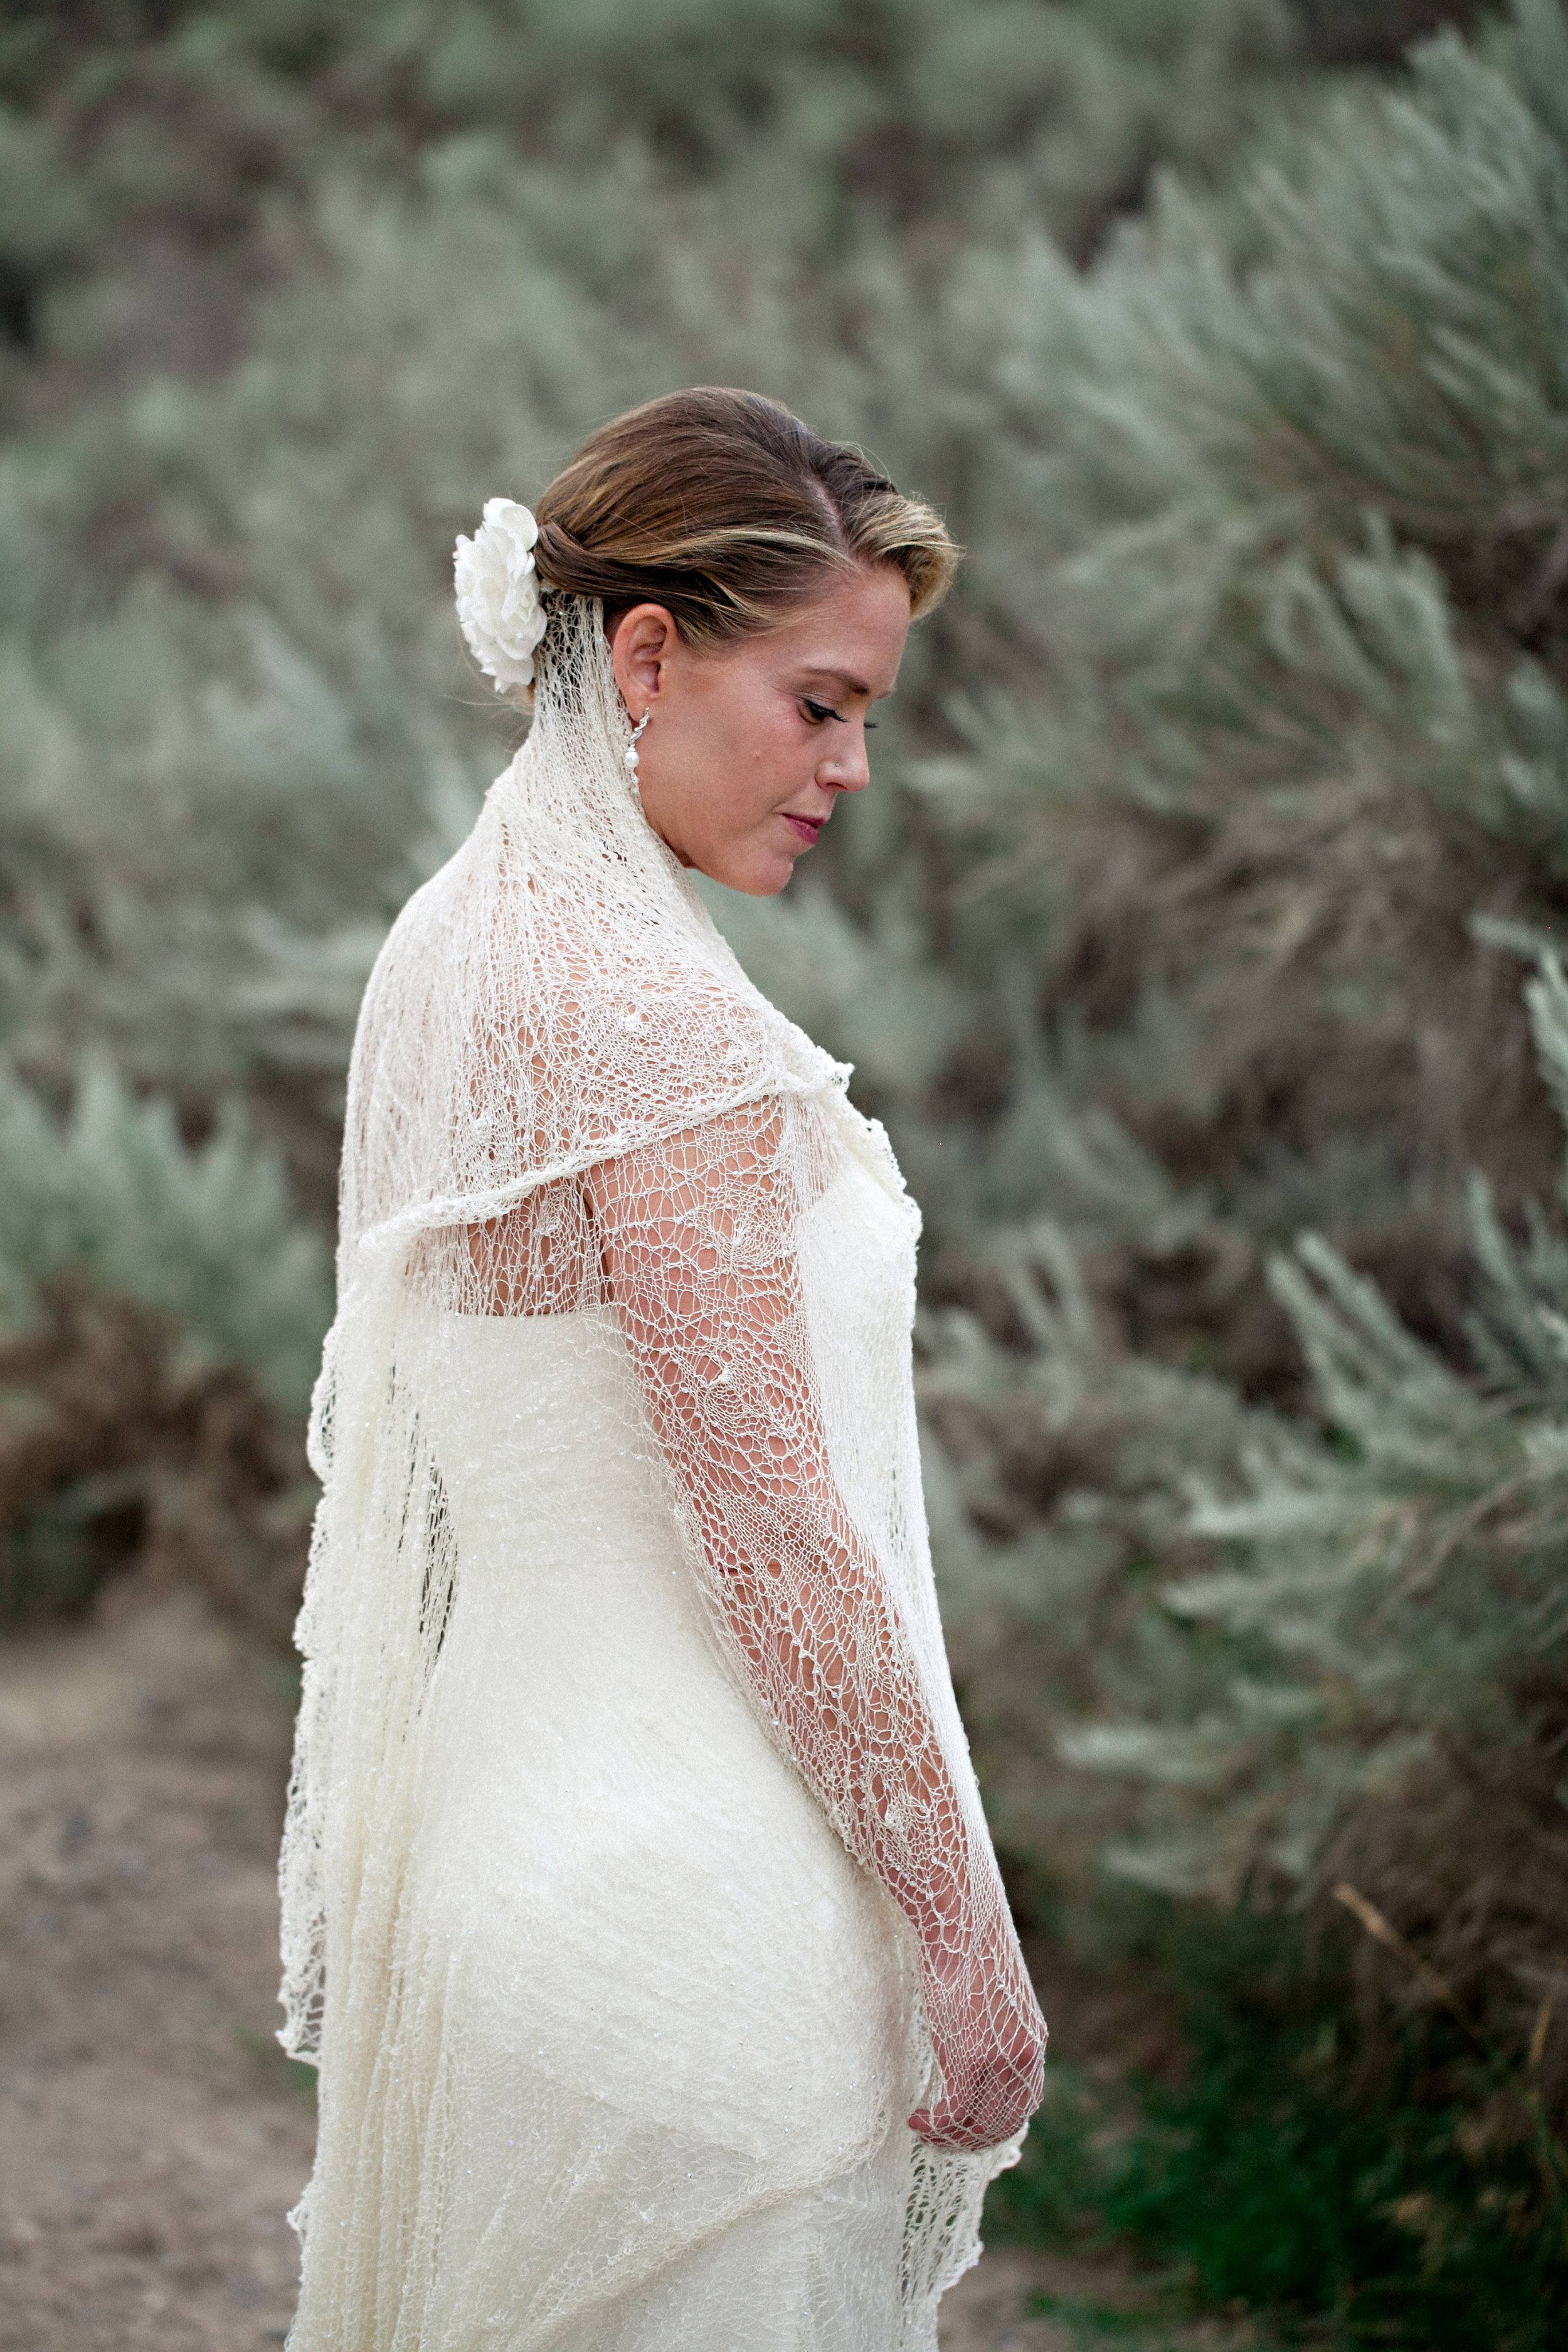 Martin/Ernest Wedding